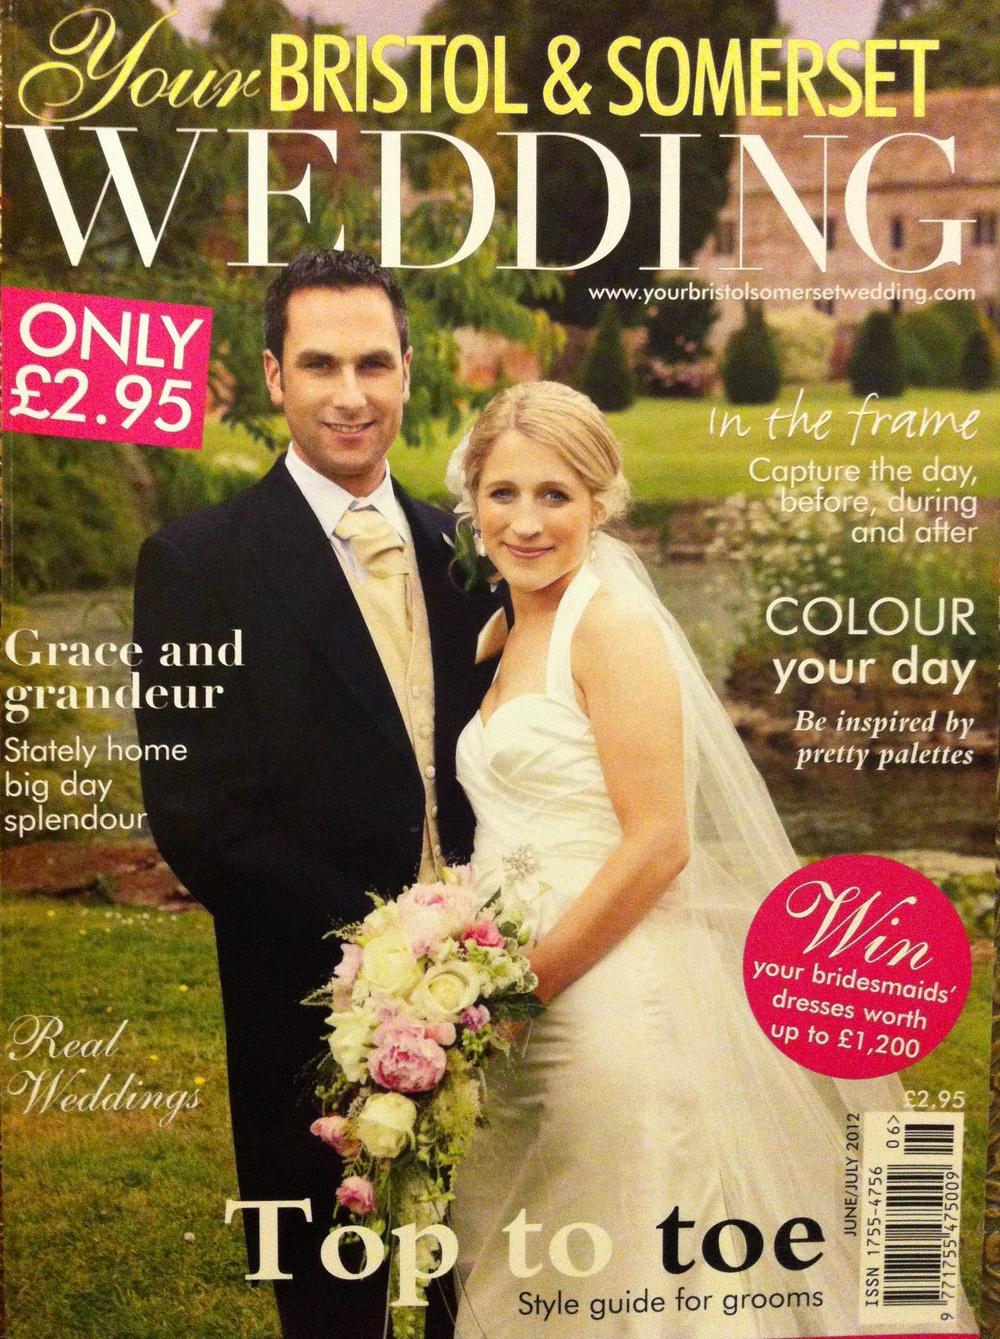 thairapy featured in Bristol & Somerset Wedding 2012